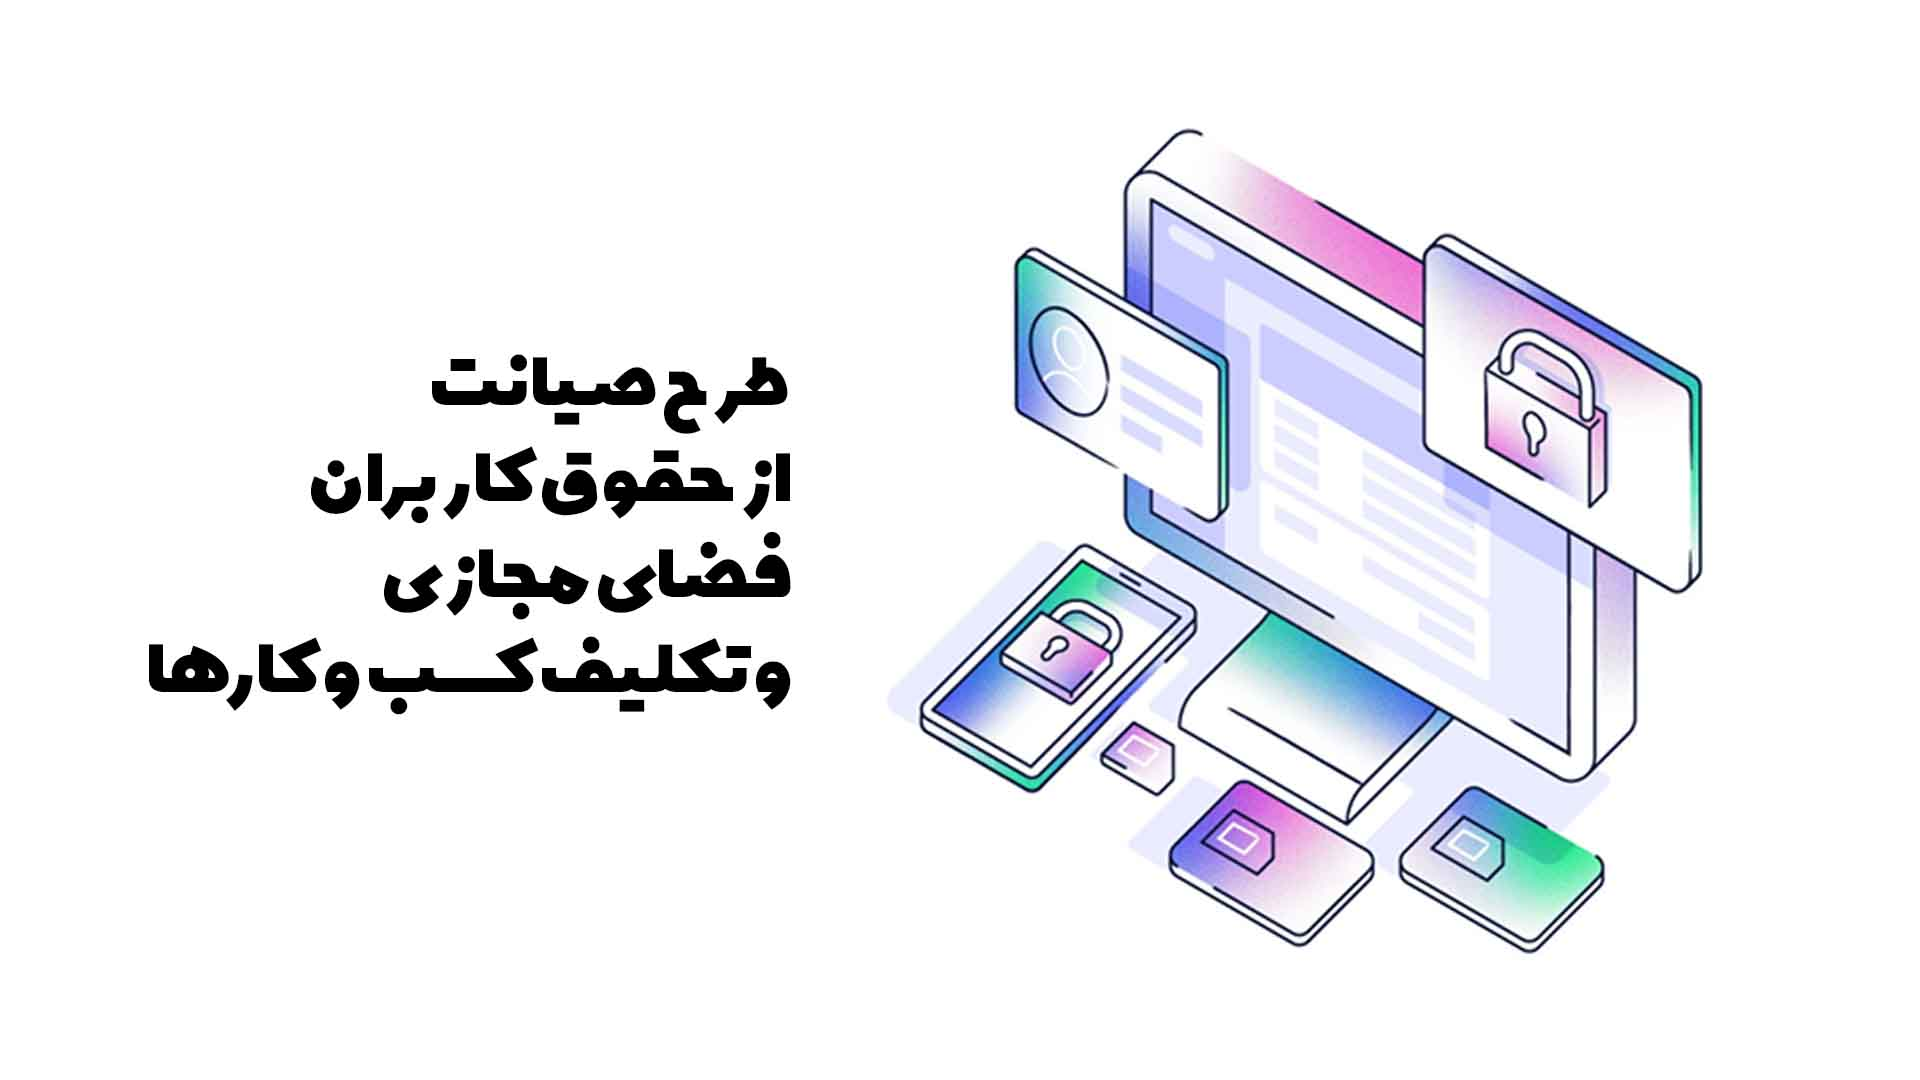 طرح صیانت از کاربران فضای مجازی